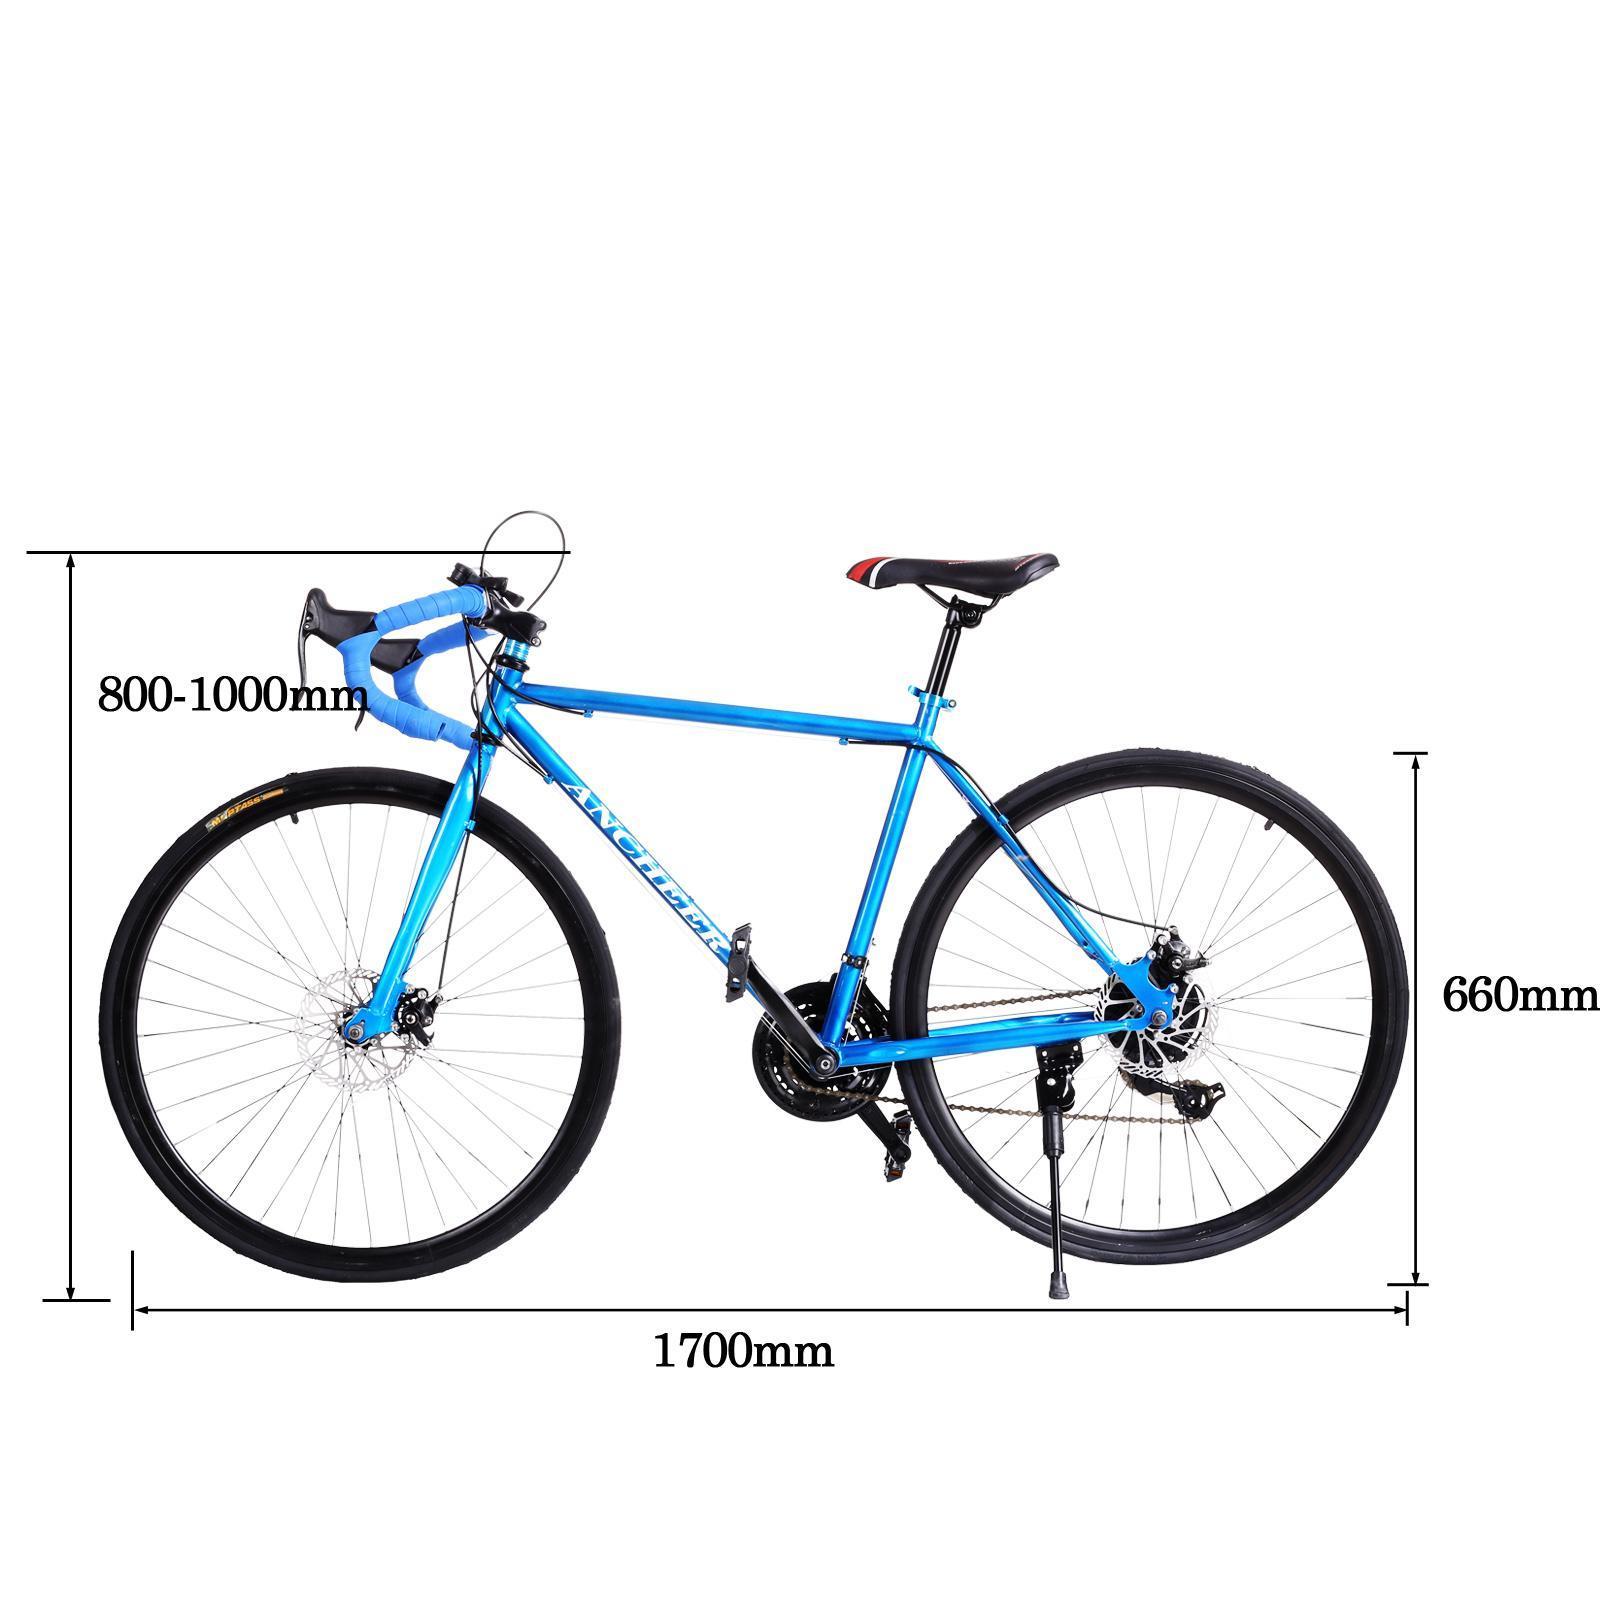 Mens 26inch Carbon Steel Road Bike Racing 700c Bicycle 21